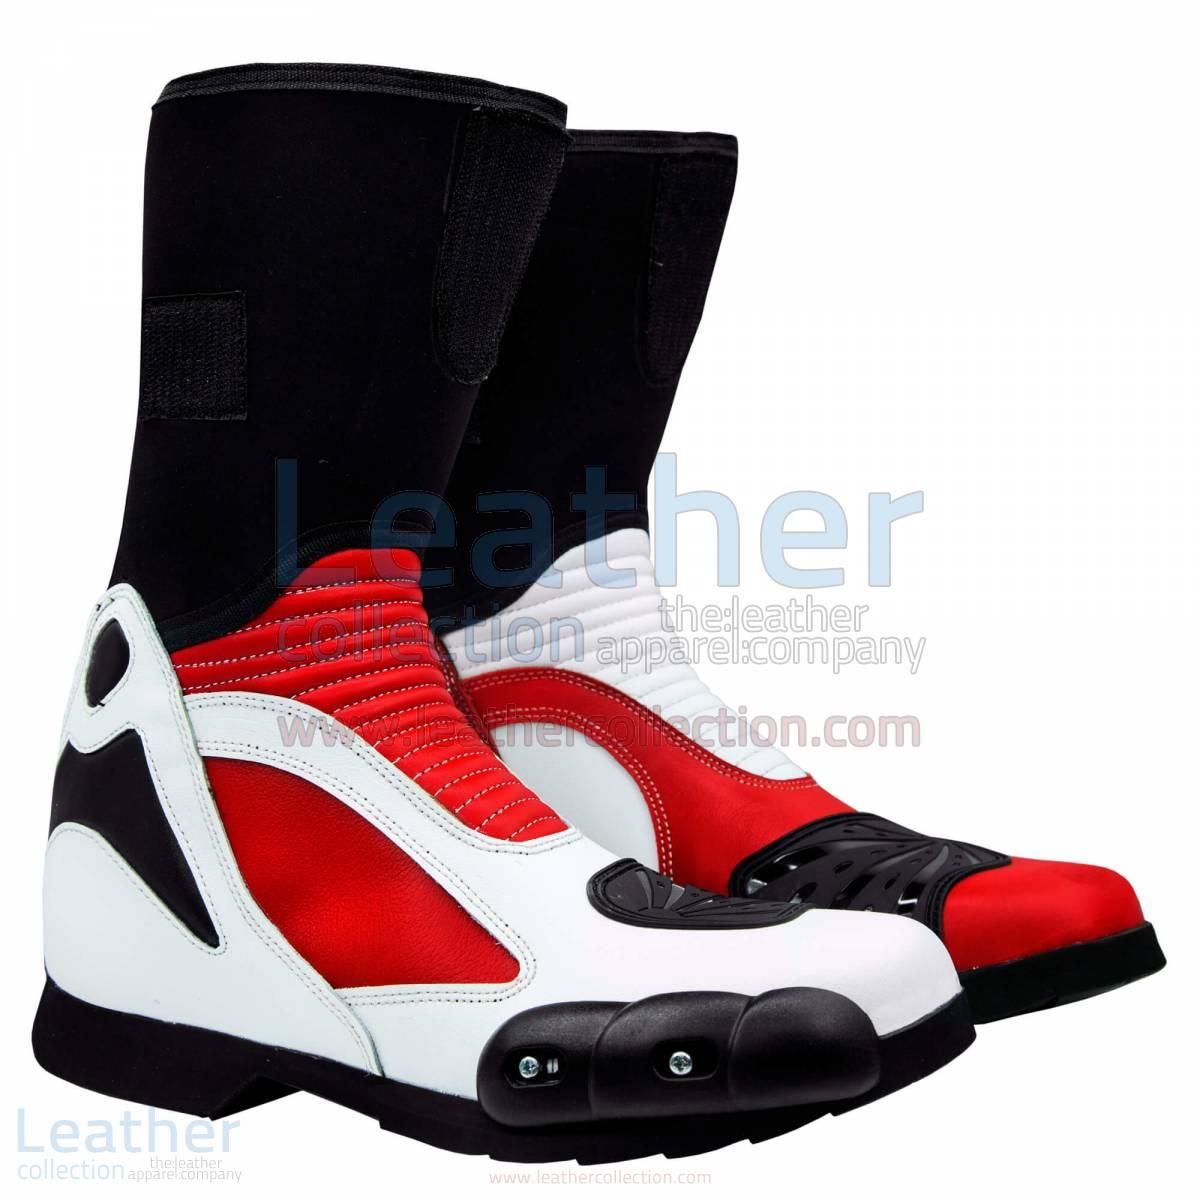 motogp boots